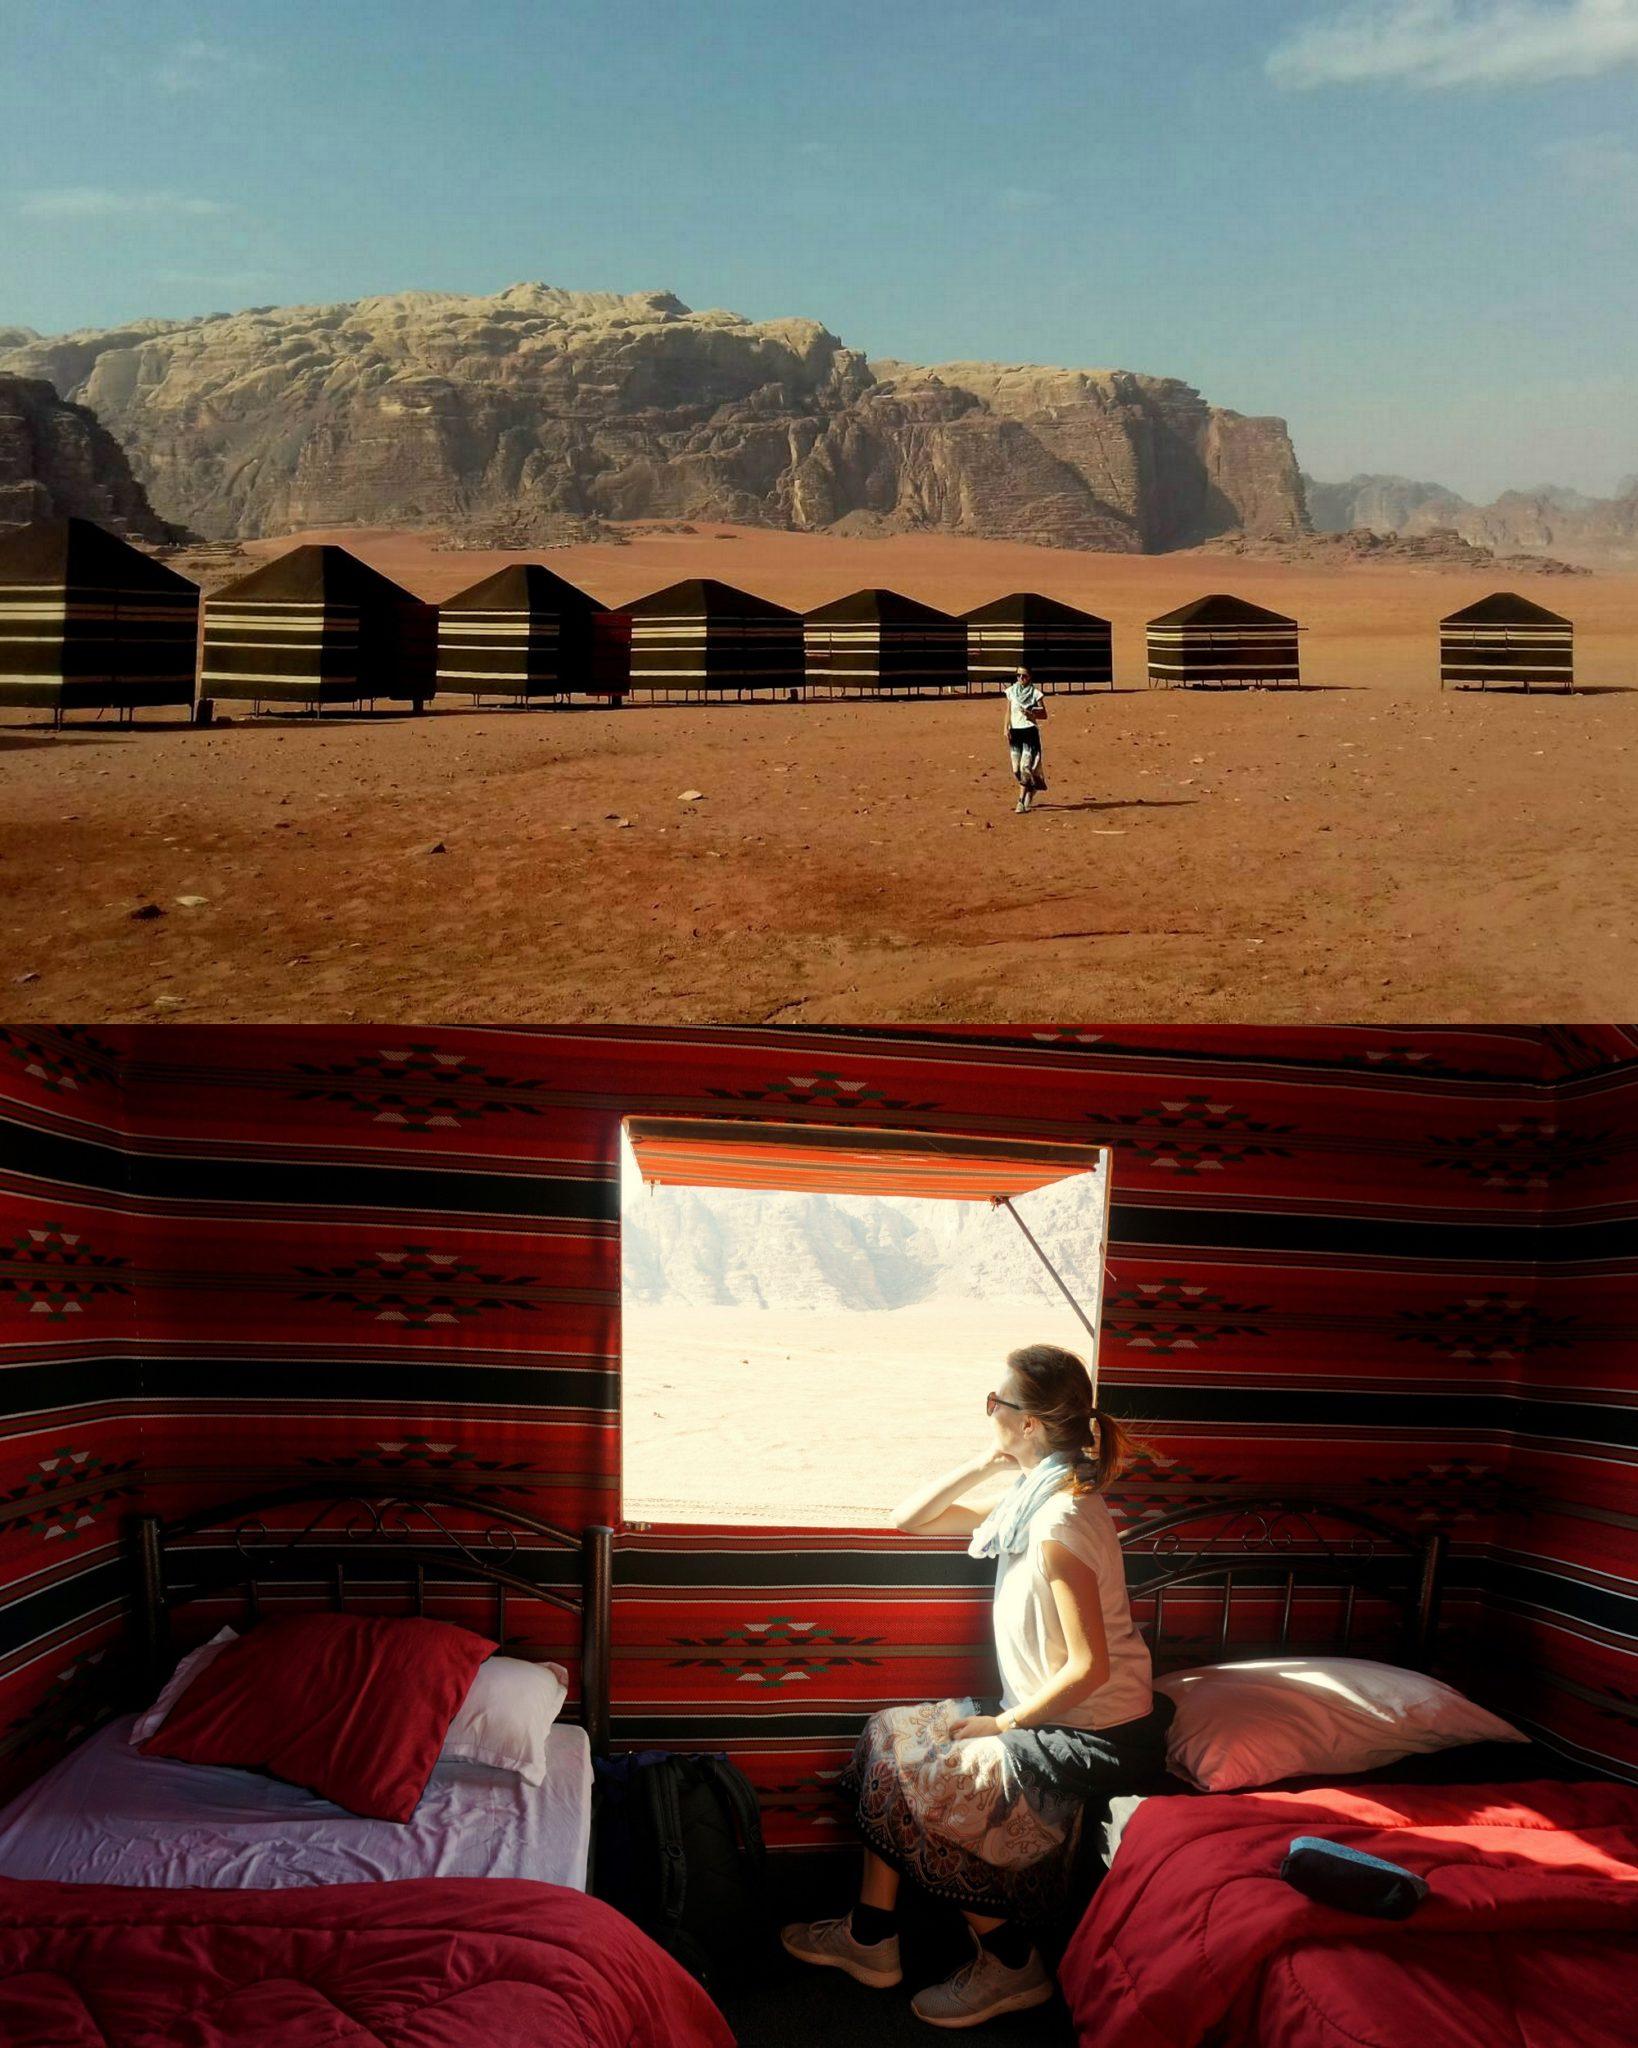 Jordánsko - Red desert camp (Wadi Rum)